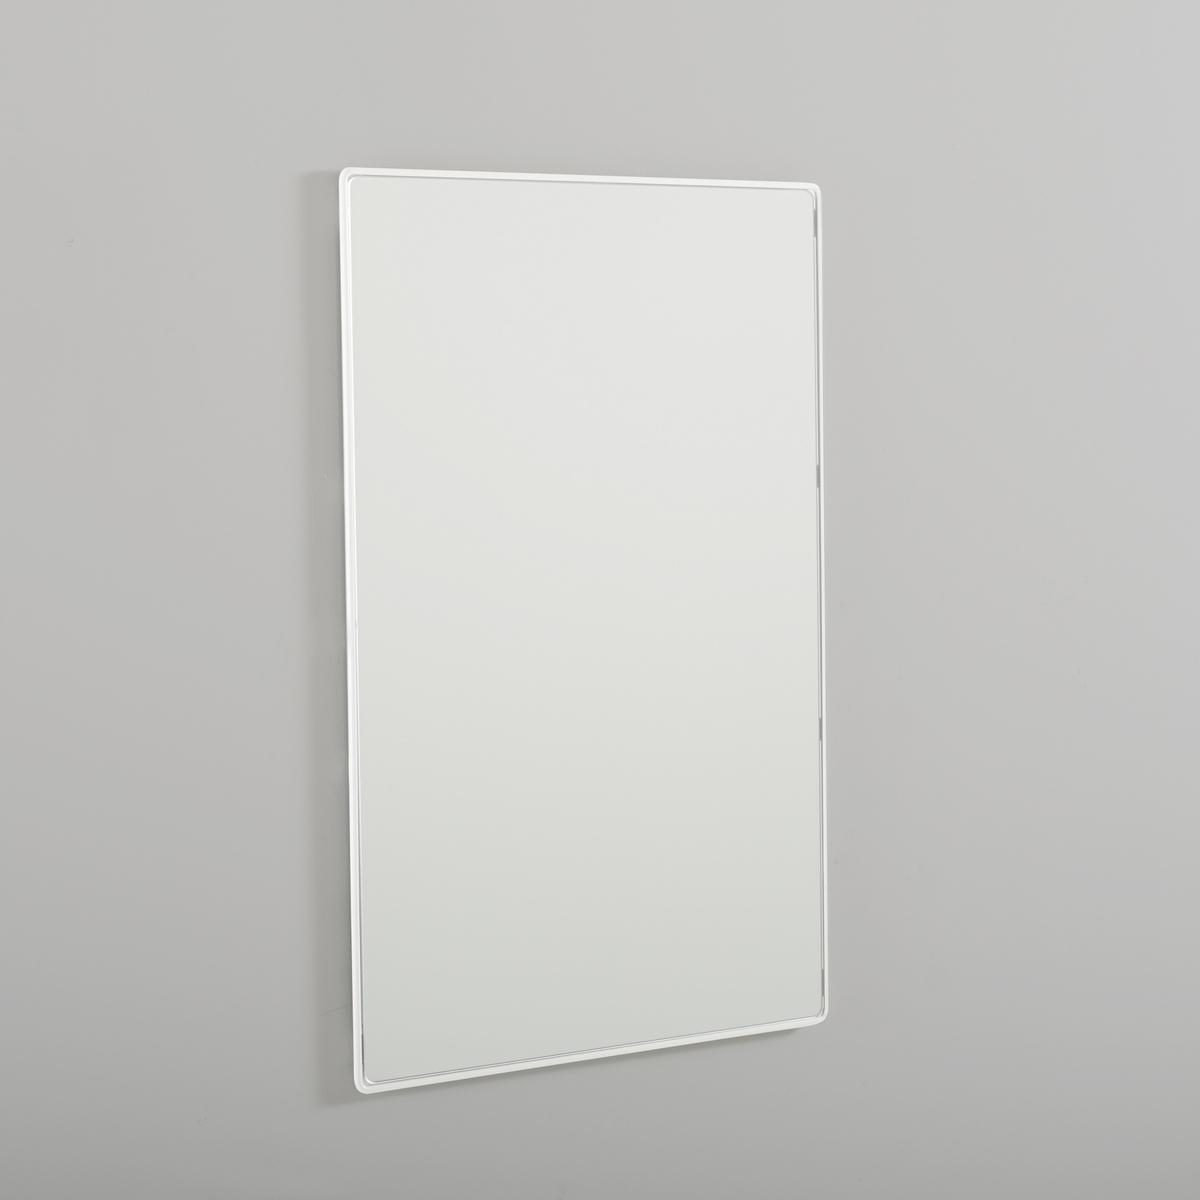 Зеркало BertilieЗеркало будет завершающим штрихом для блестящей отделки Вашего декора! Описание зеркала Bertilie:Зеркало прямоугольной формы.Характеристики зеркала Bertilie:Каркас из проволочного металла, отделка эпоксидной краской черного или белого цвета.Другие оригинальные предметы декора - на laredoute.ru.Размеры зеркала Bertilie:Ш.60 x В.90 x Г.1,6 см, 8,32 кг.Размер и вес с упаковкой:1 упаковка.Ш.67,5 x В.100 x Г.7 см, 10,22 кг.<br><br>Цвет: белый